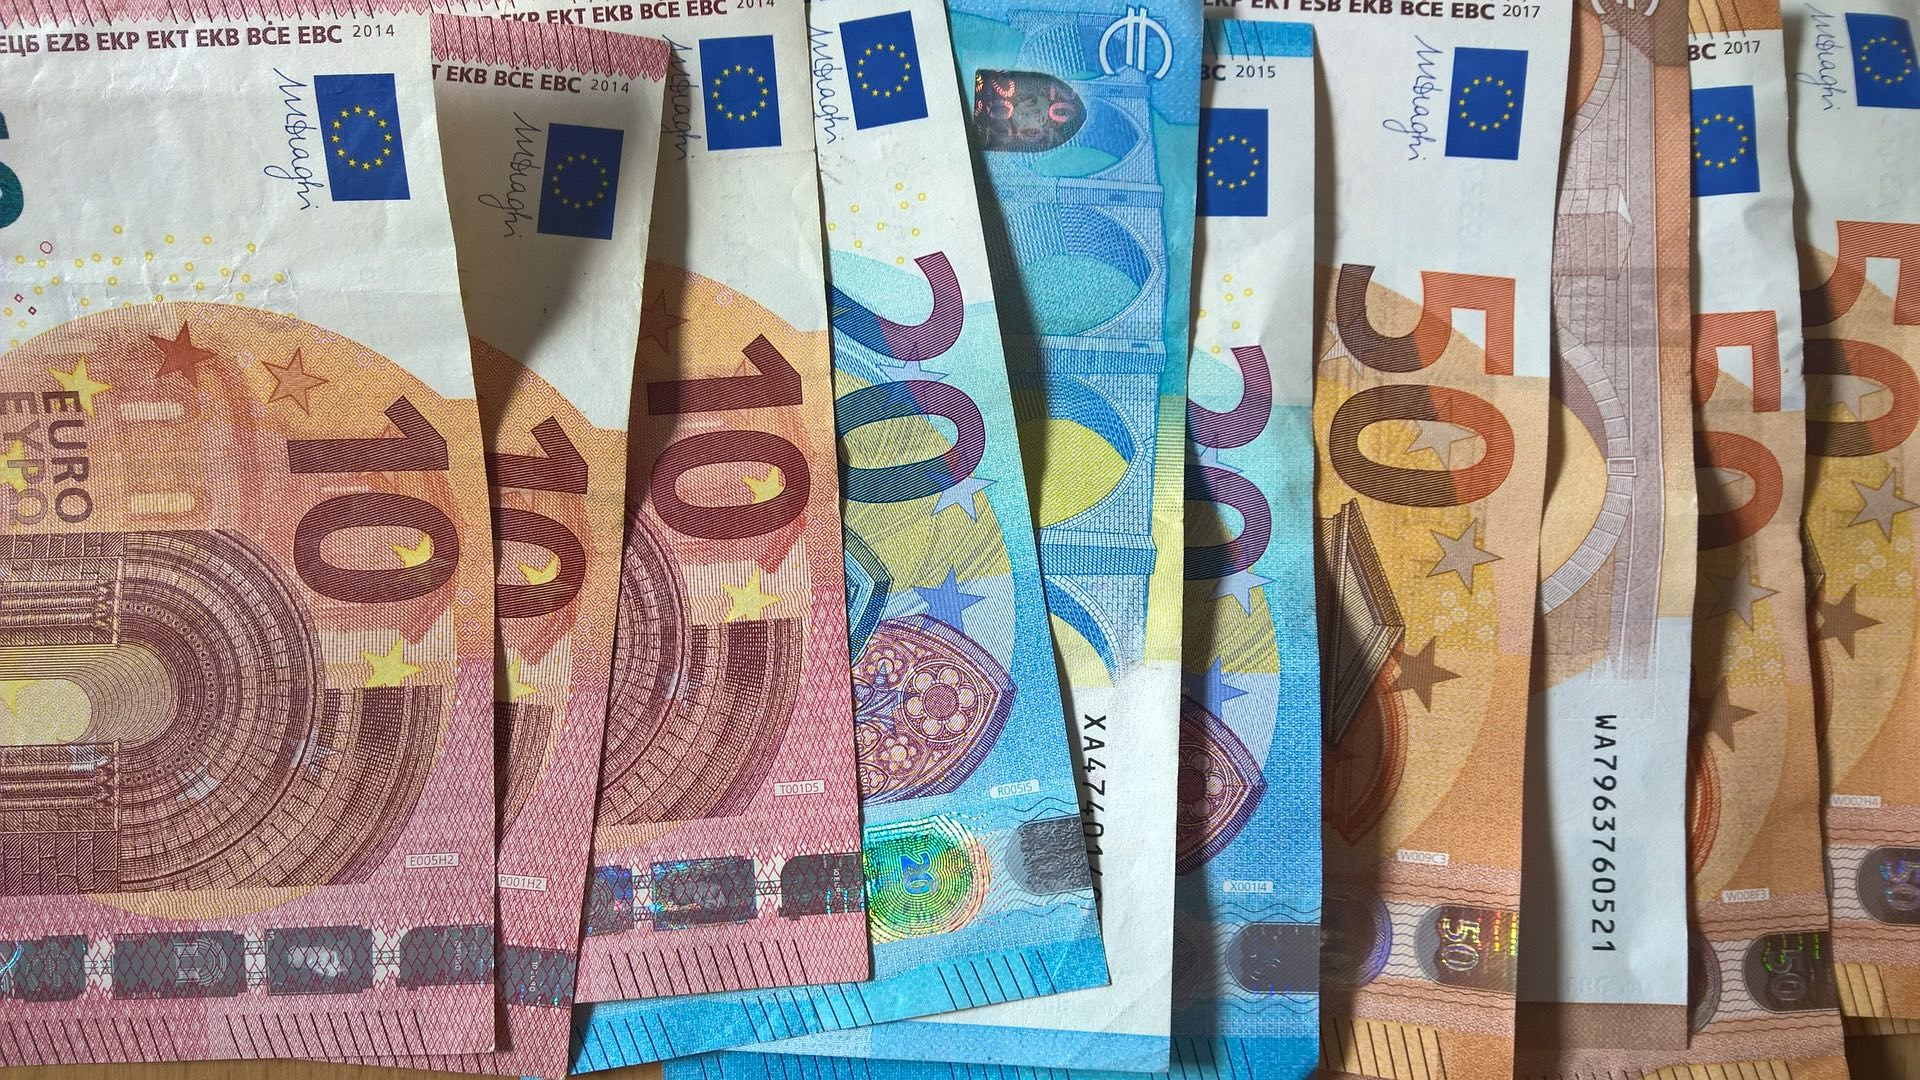 Un hack de distributeurs de billets permettait de déposer des euros inexistants